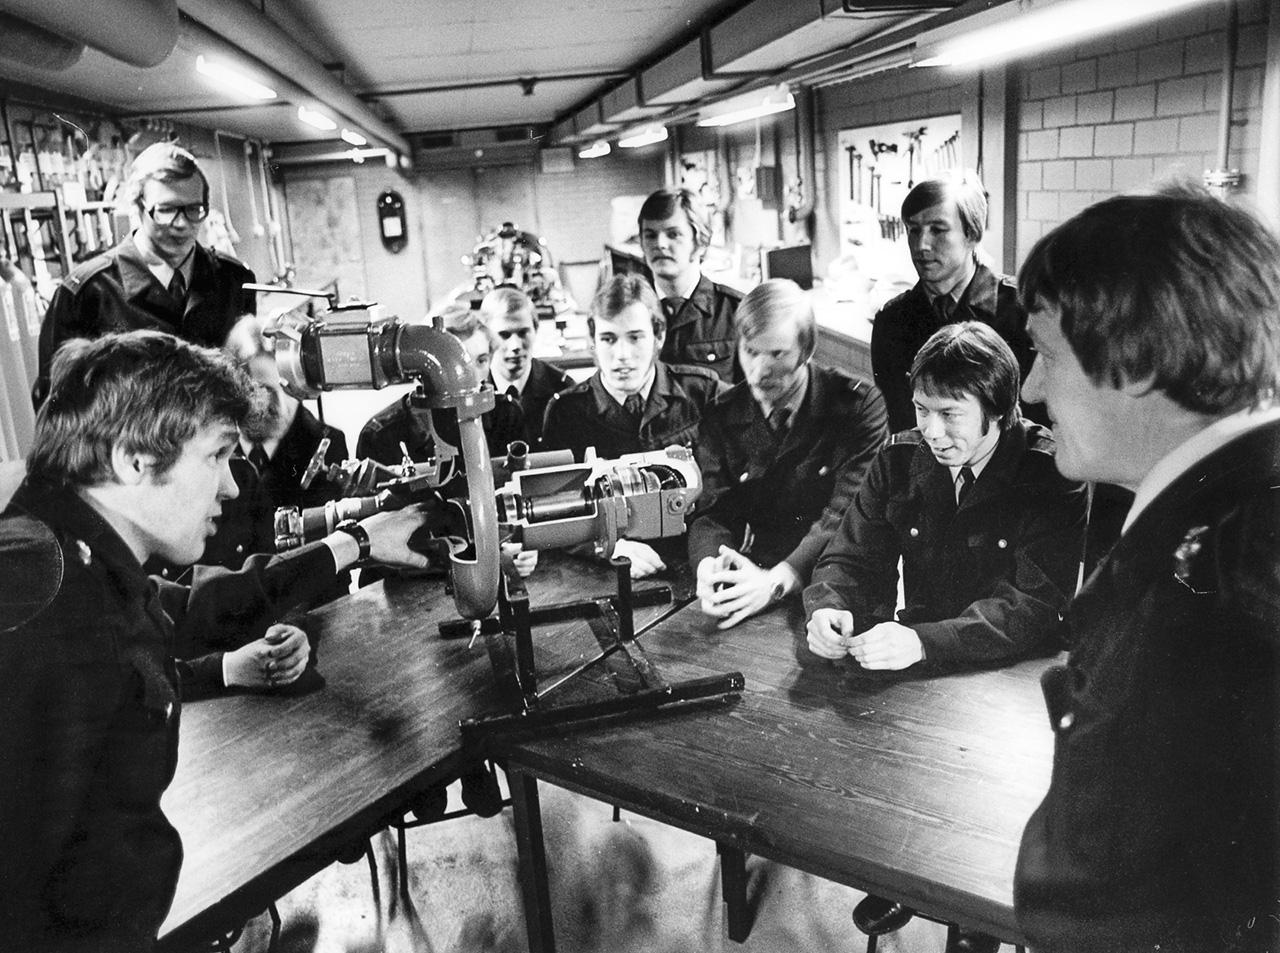 Kuvassa moottoriruiskuoppia Valtion palo-opistolla 1970-luvulla. Oikealla opettaja Gunnar Brofors. Kuva: Pelastustiedon arkisto.